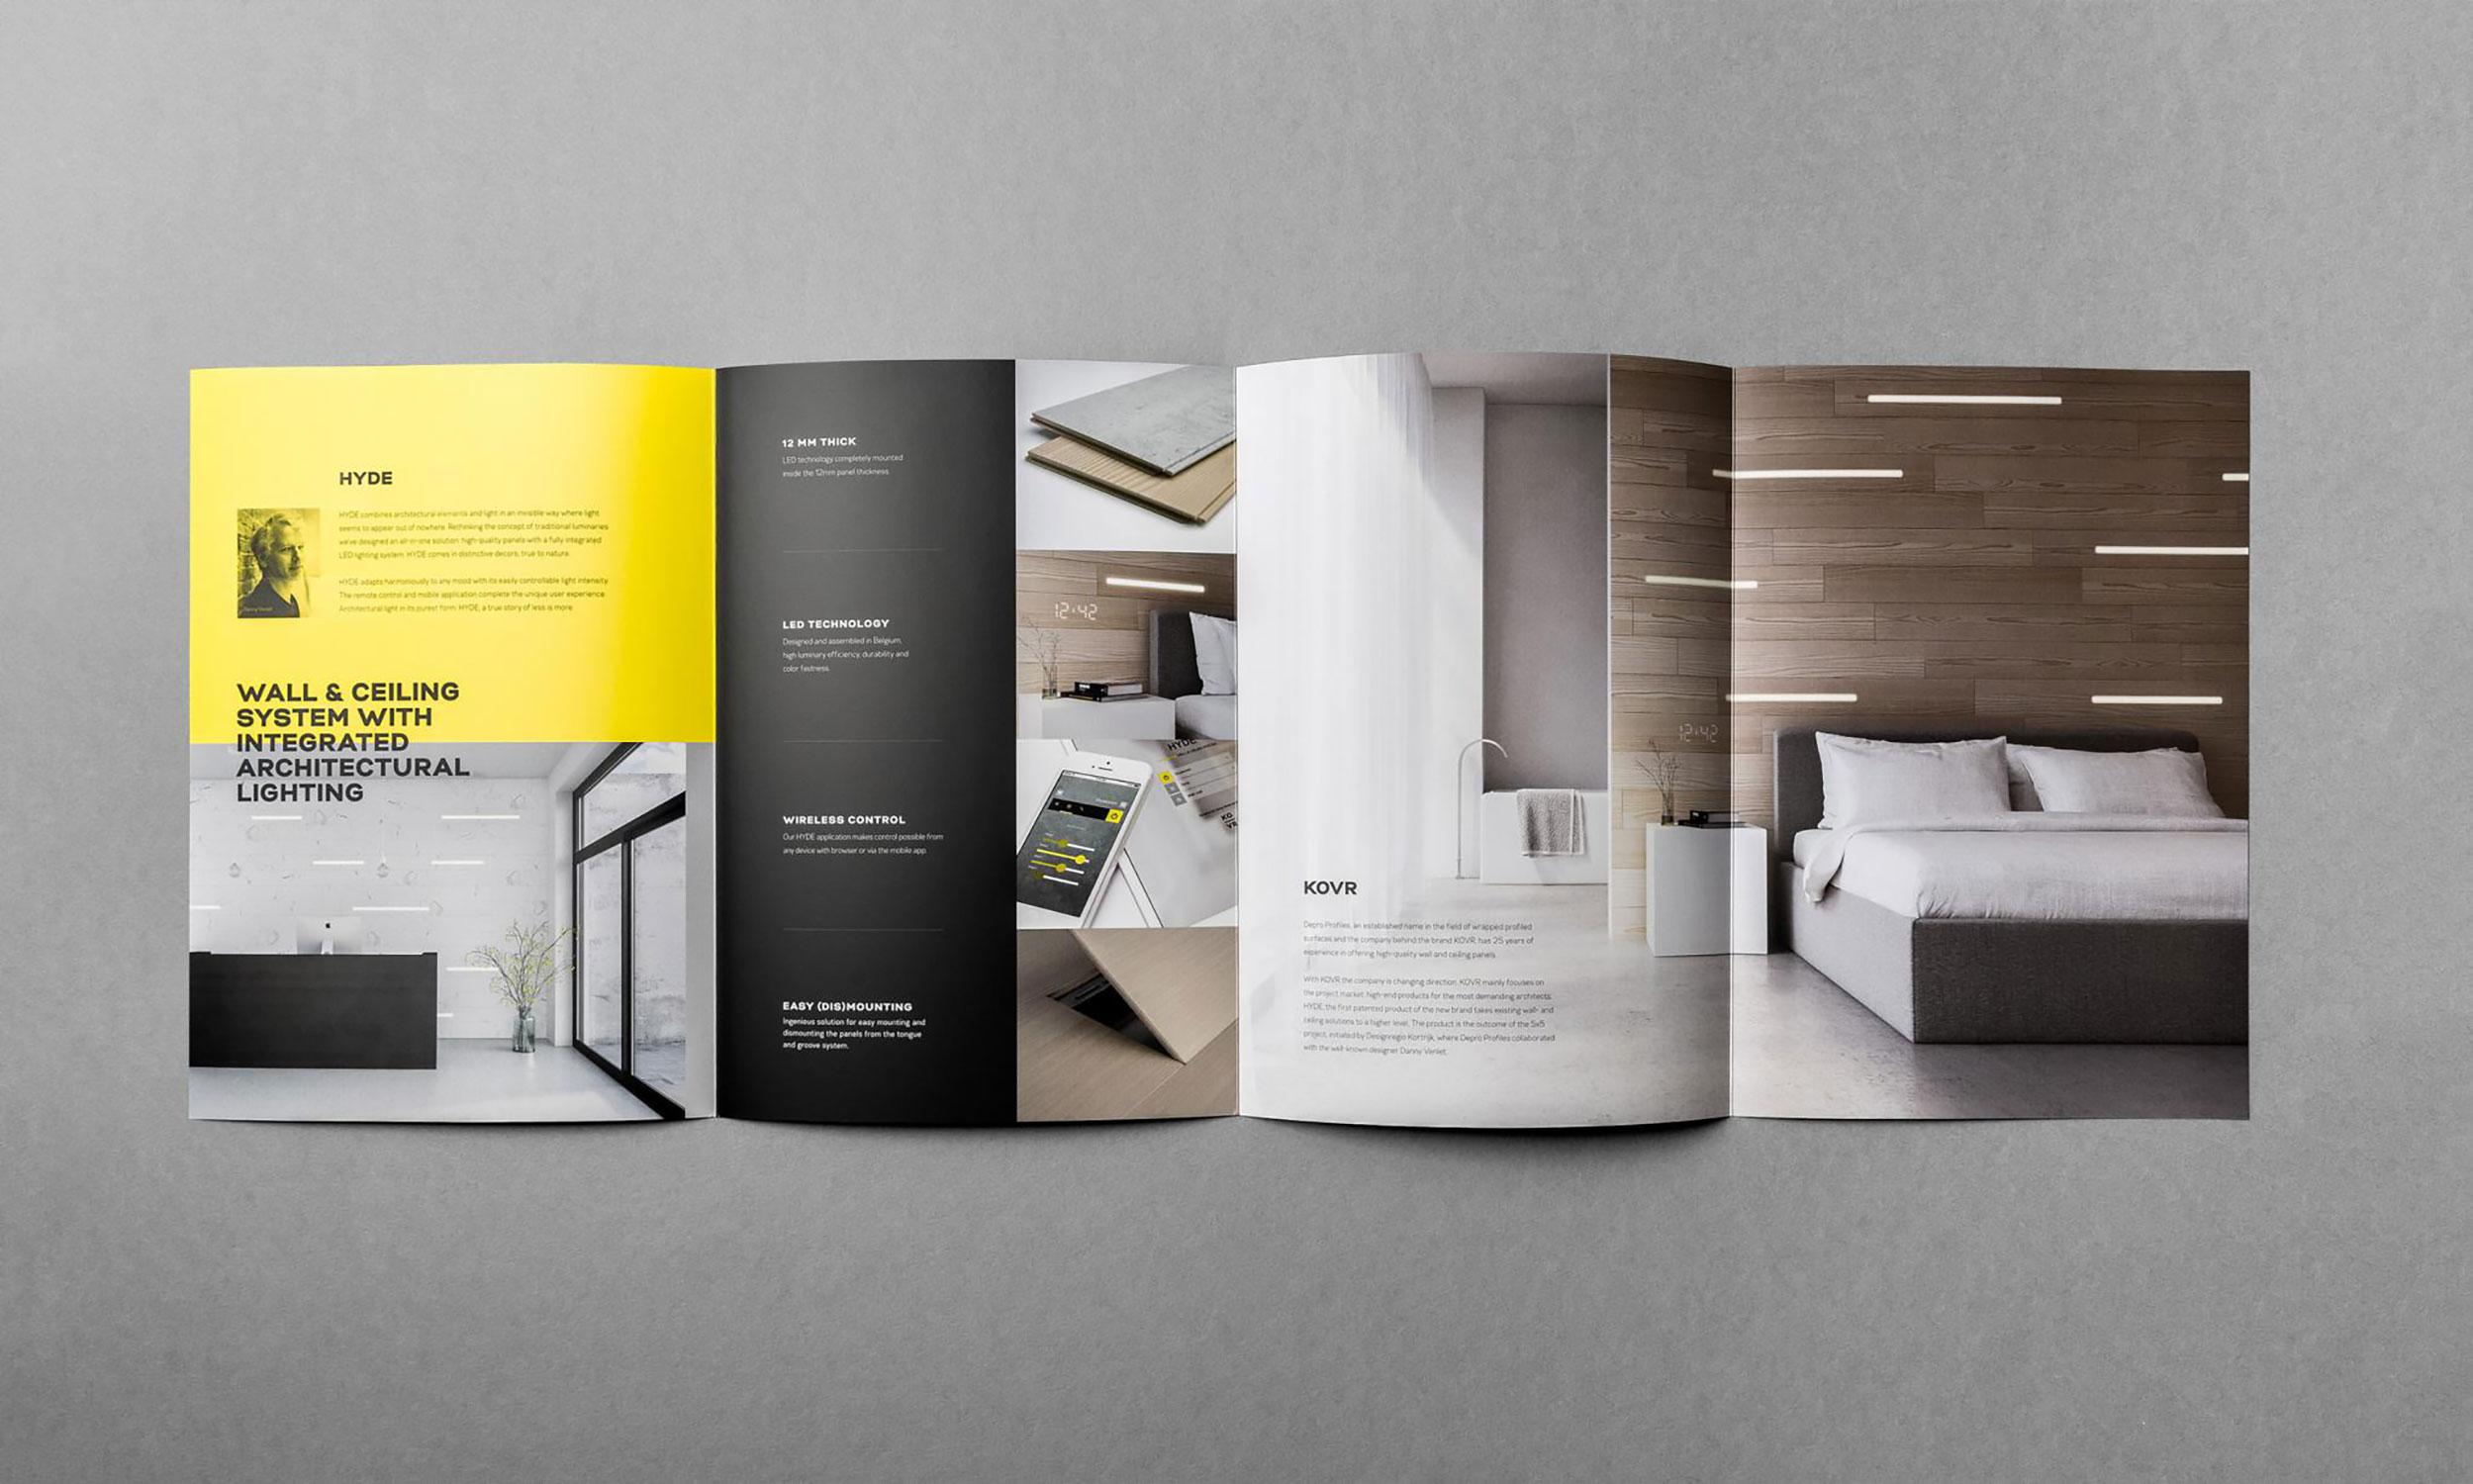 studiodannyvenlet_productdesign_hyde_kovr_1.jpg